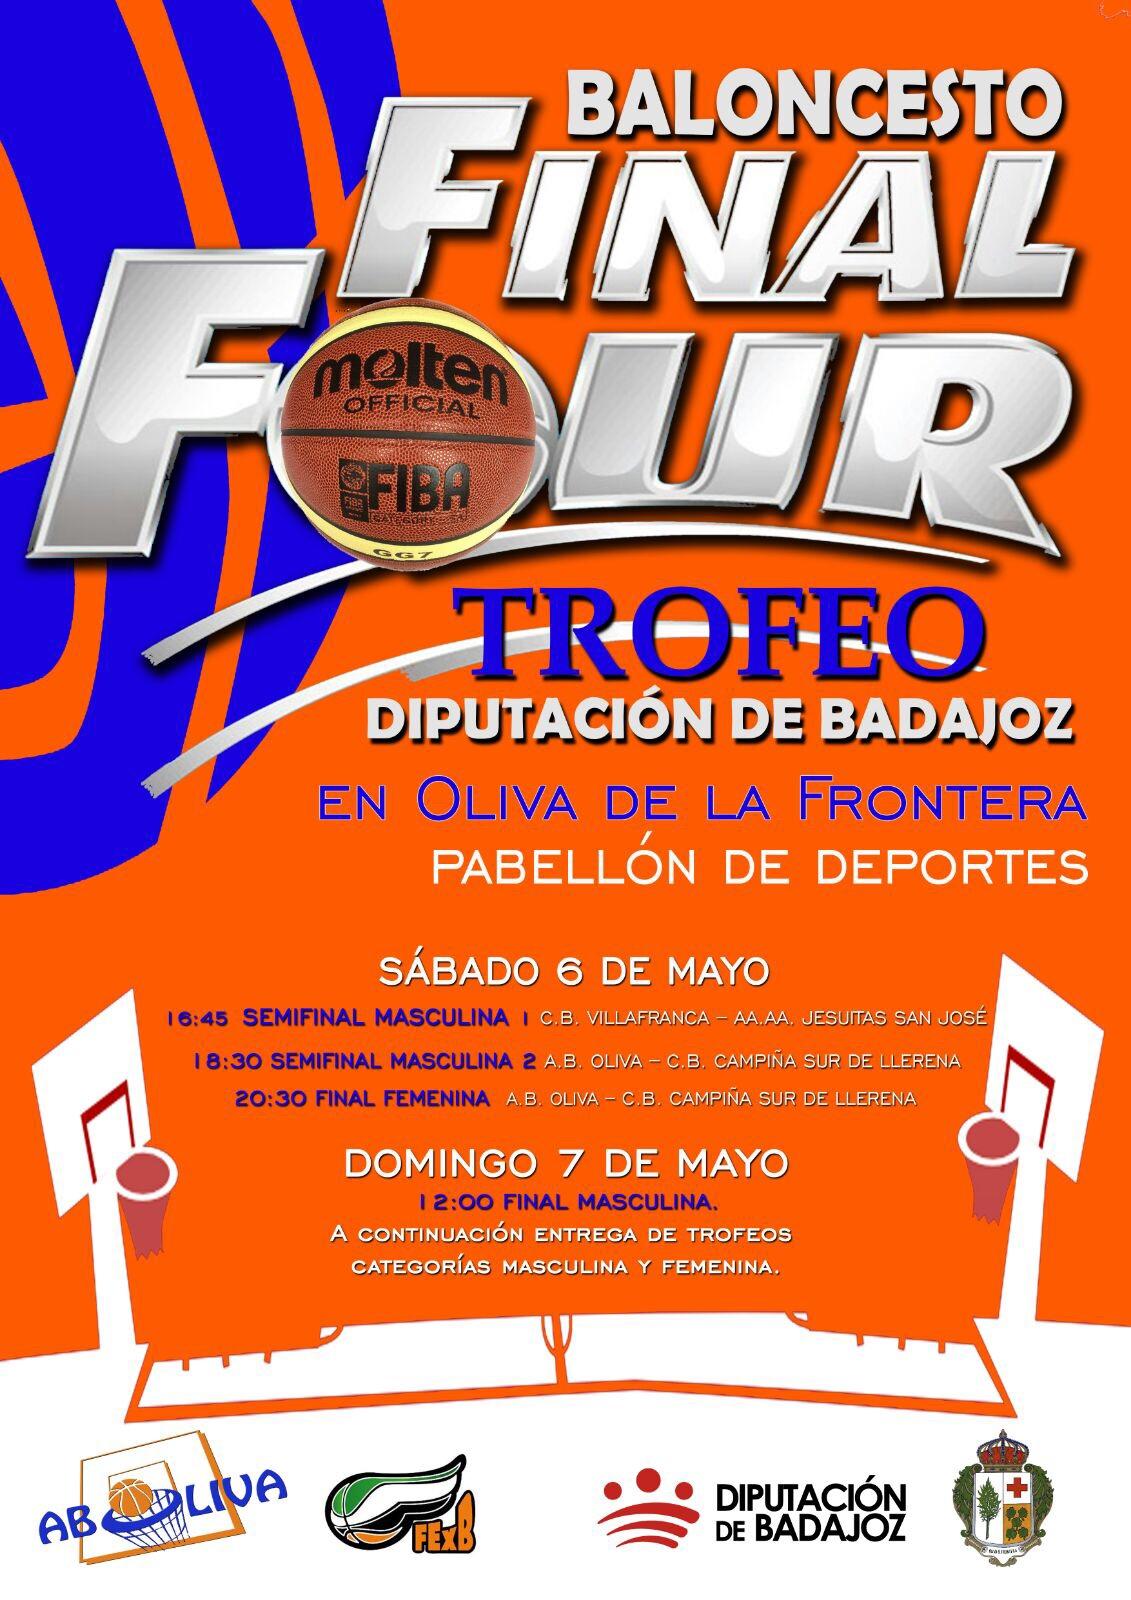 Presentación de las Finales del Trofeo Diputación de Badajoz de Baloncesto - Final Four Dip BA